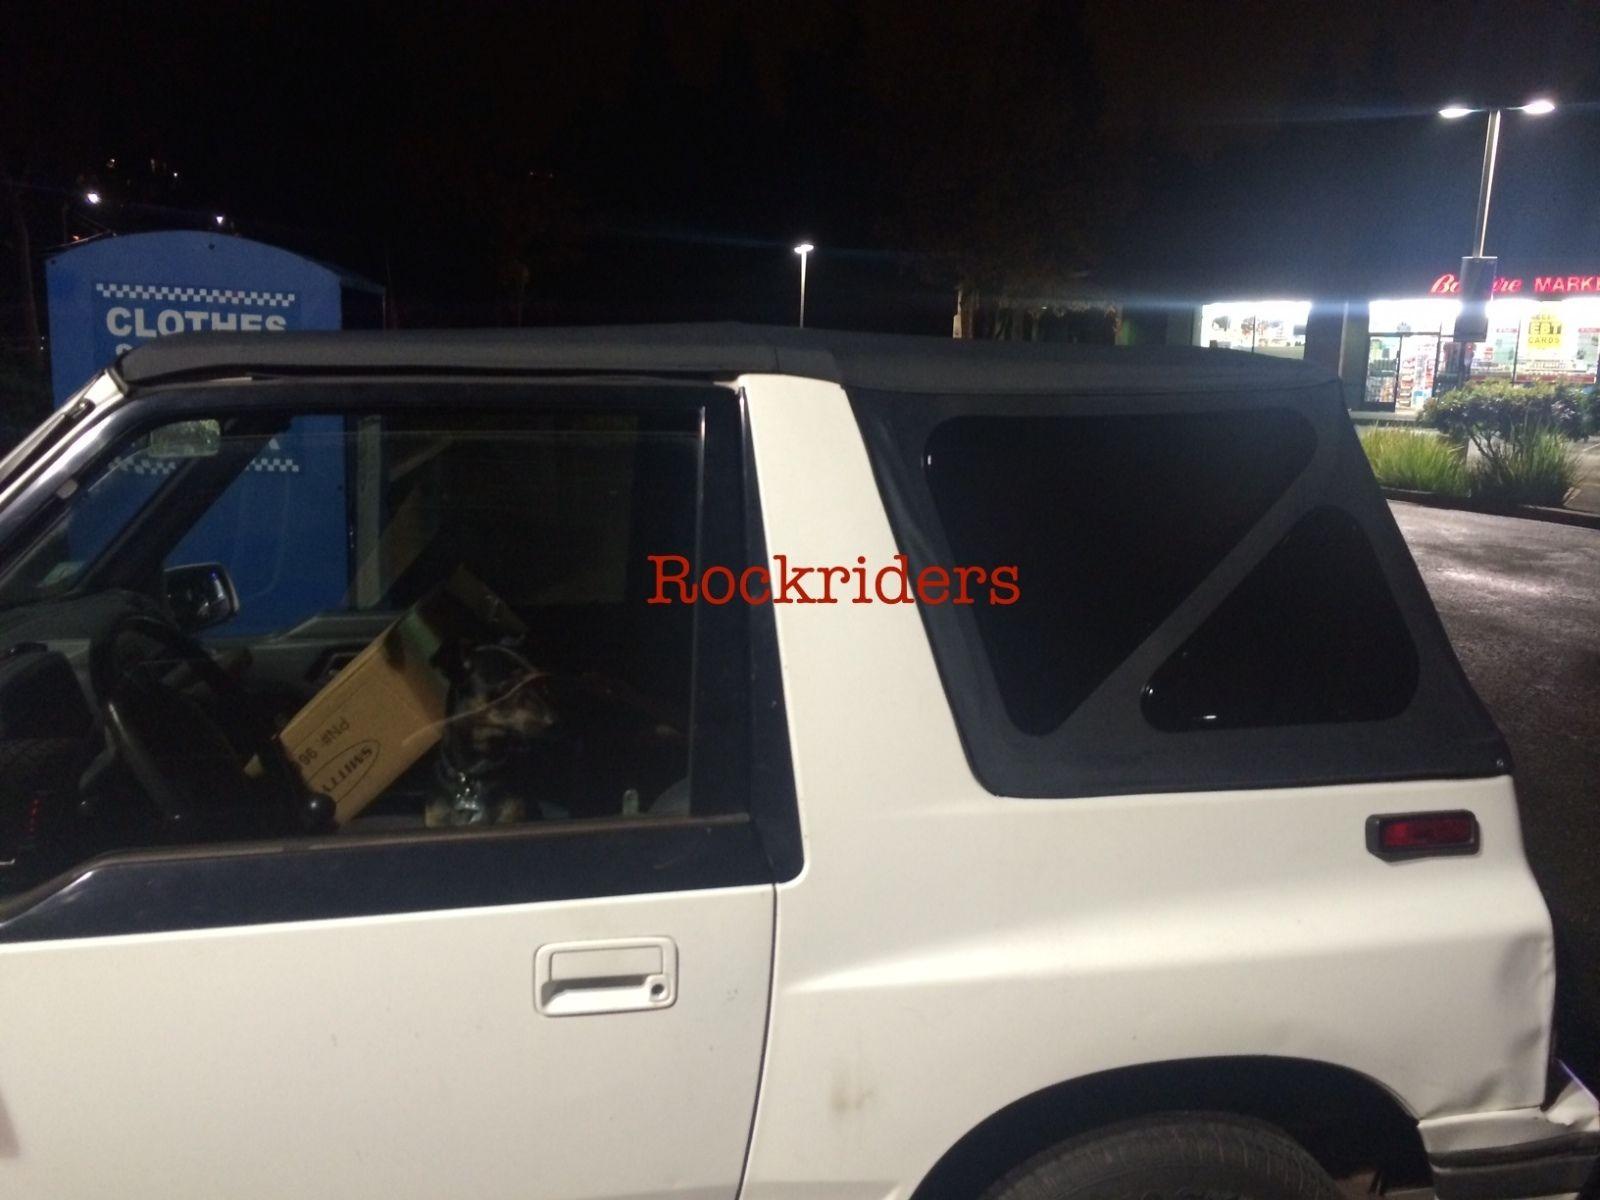 幌 1988-1994スズキ・サイドキックジオトラッカーソフトトップブラック・ティンテッド・ウィンドウ 1988-1994 Suzuki Sidekick Geo Tracker Soft Top Black with Tinted Windows